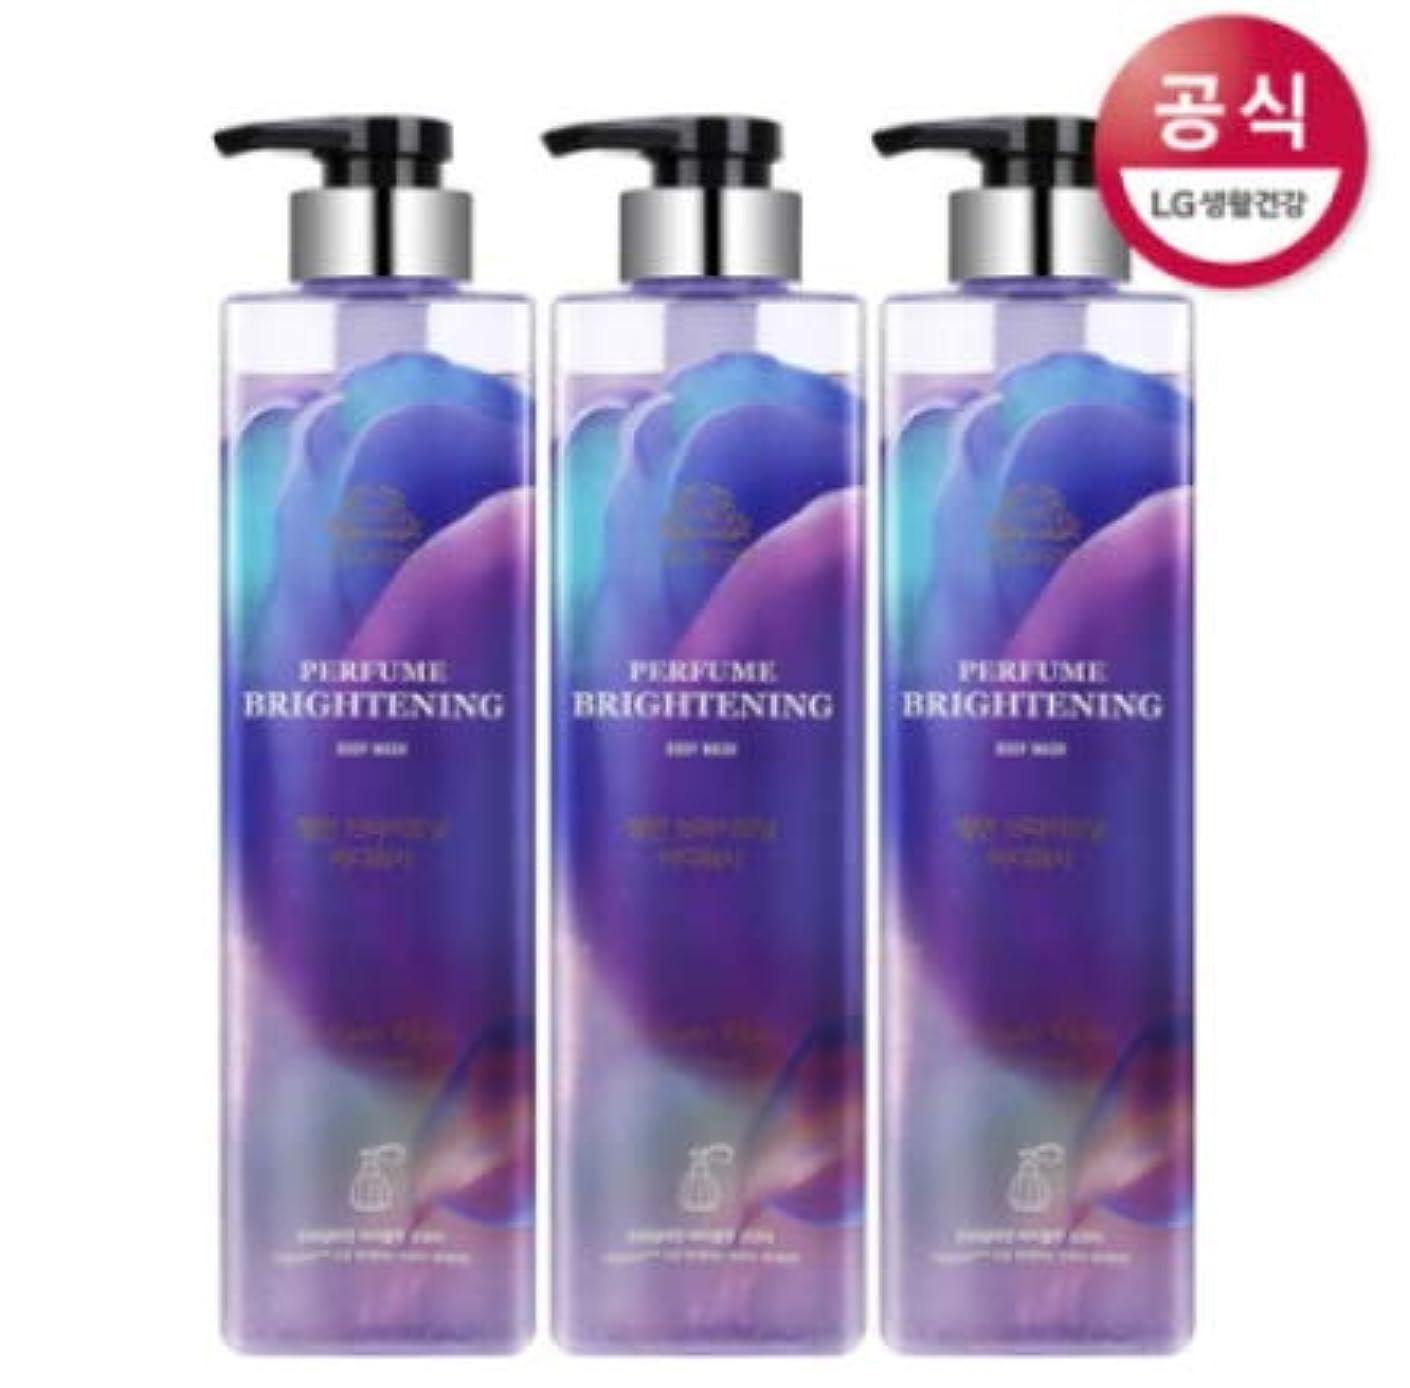 広範囲に予約チャンピオンシップ[LG HnB] On the Body Belman Perfume Brightening Body Wash / オンザボディベルモンパフュームブライトニングボディウォッシュ680mlx3個(海外直送品)